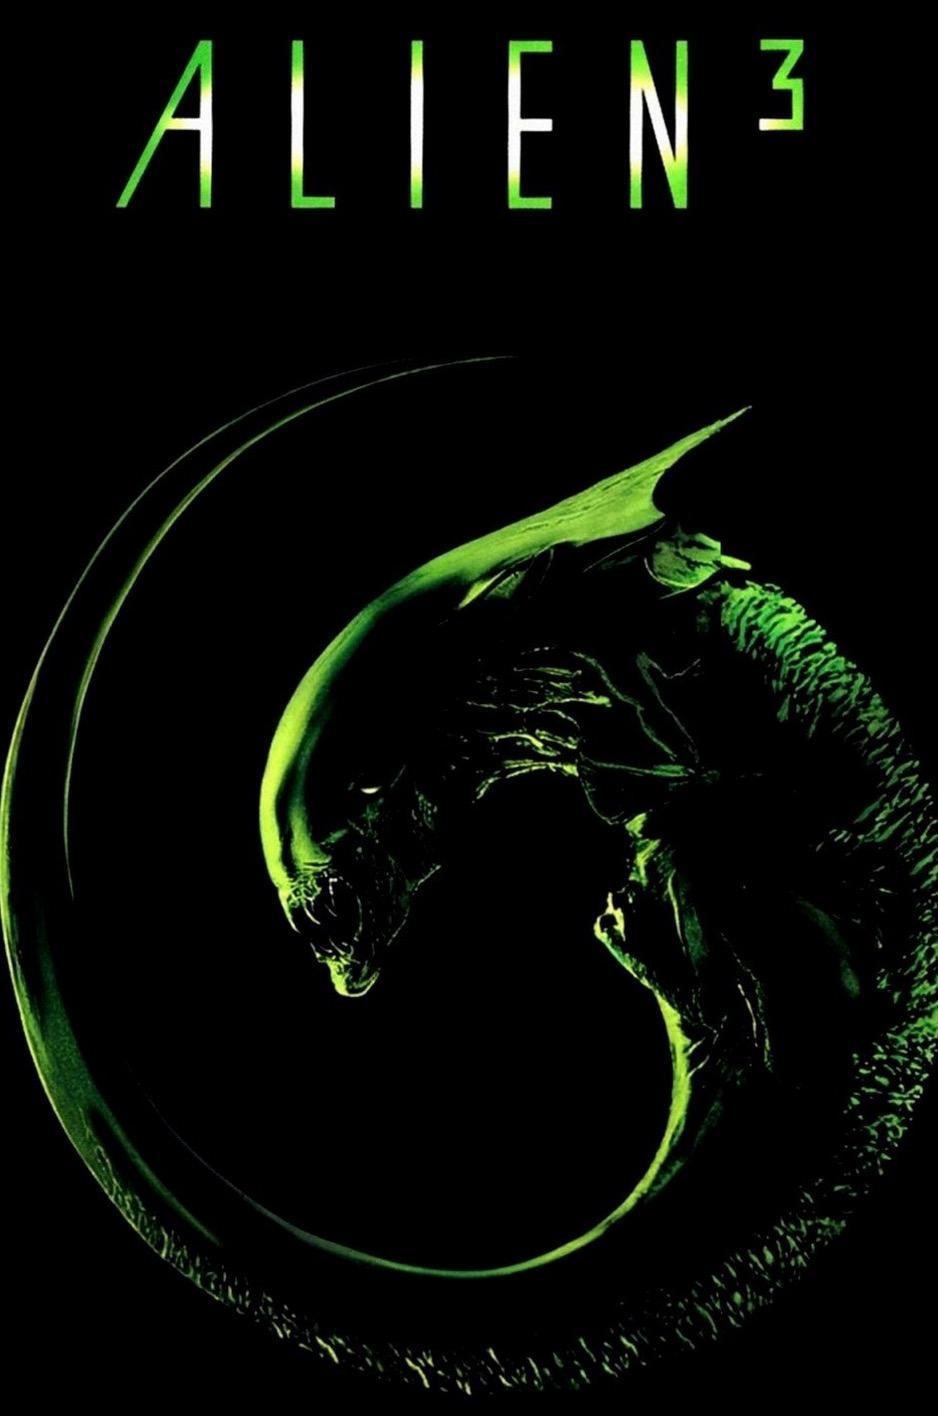 Alien 3 - 1992